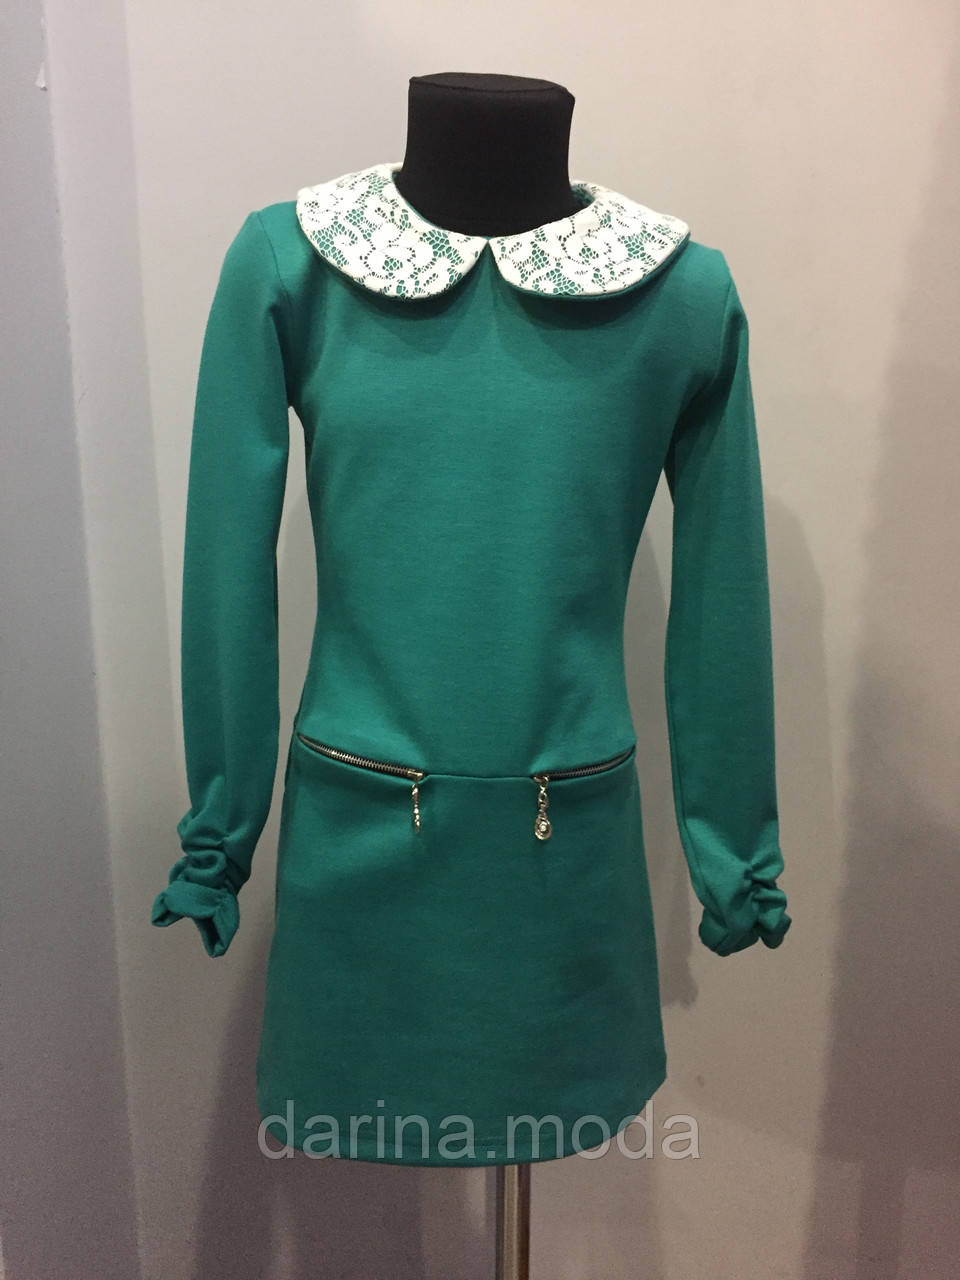 Трикотажное подростковое платье